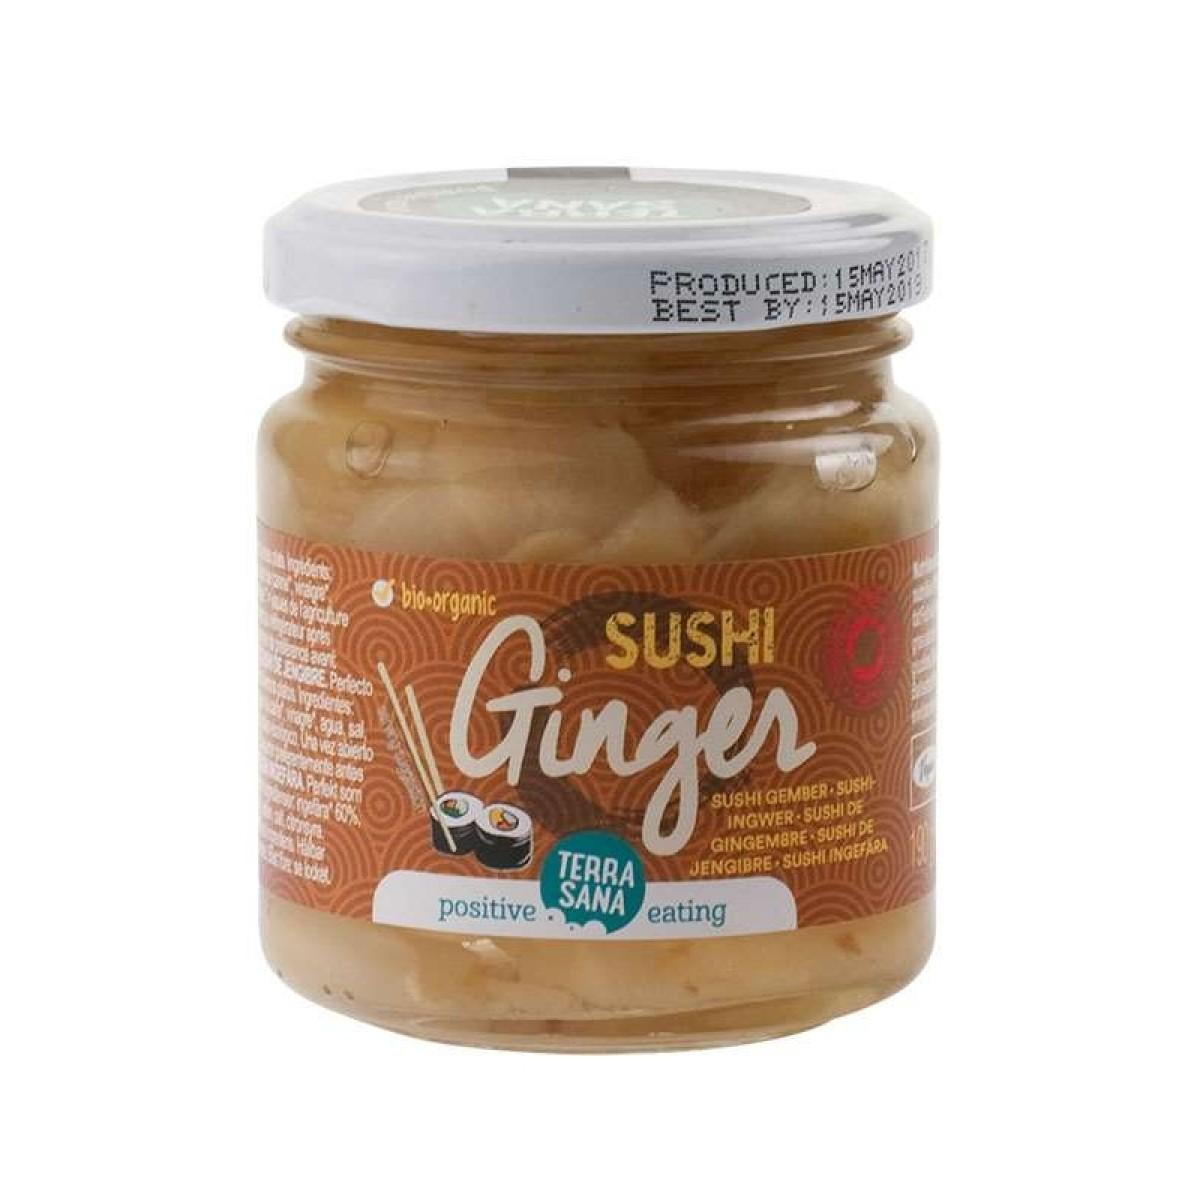 Sushi Gember